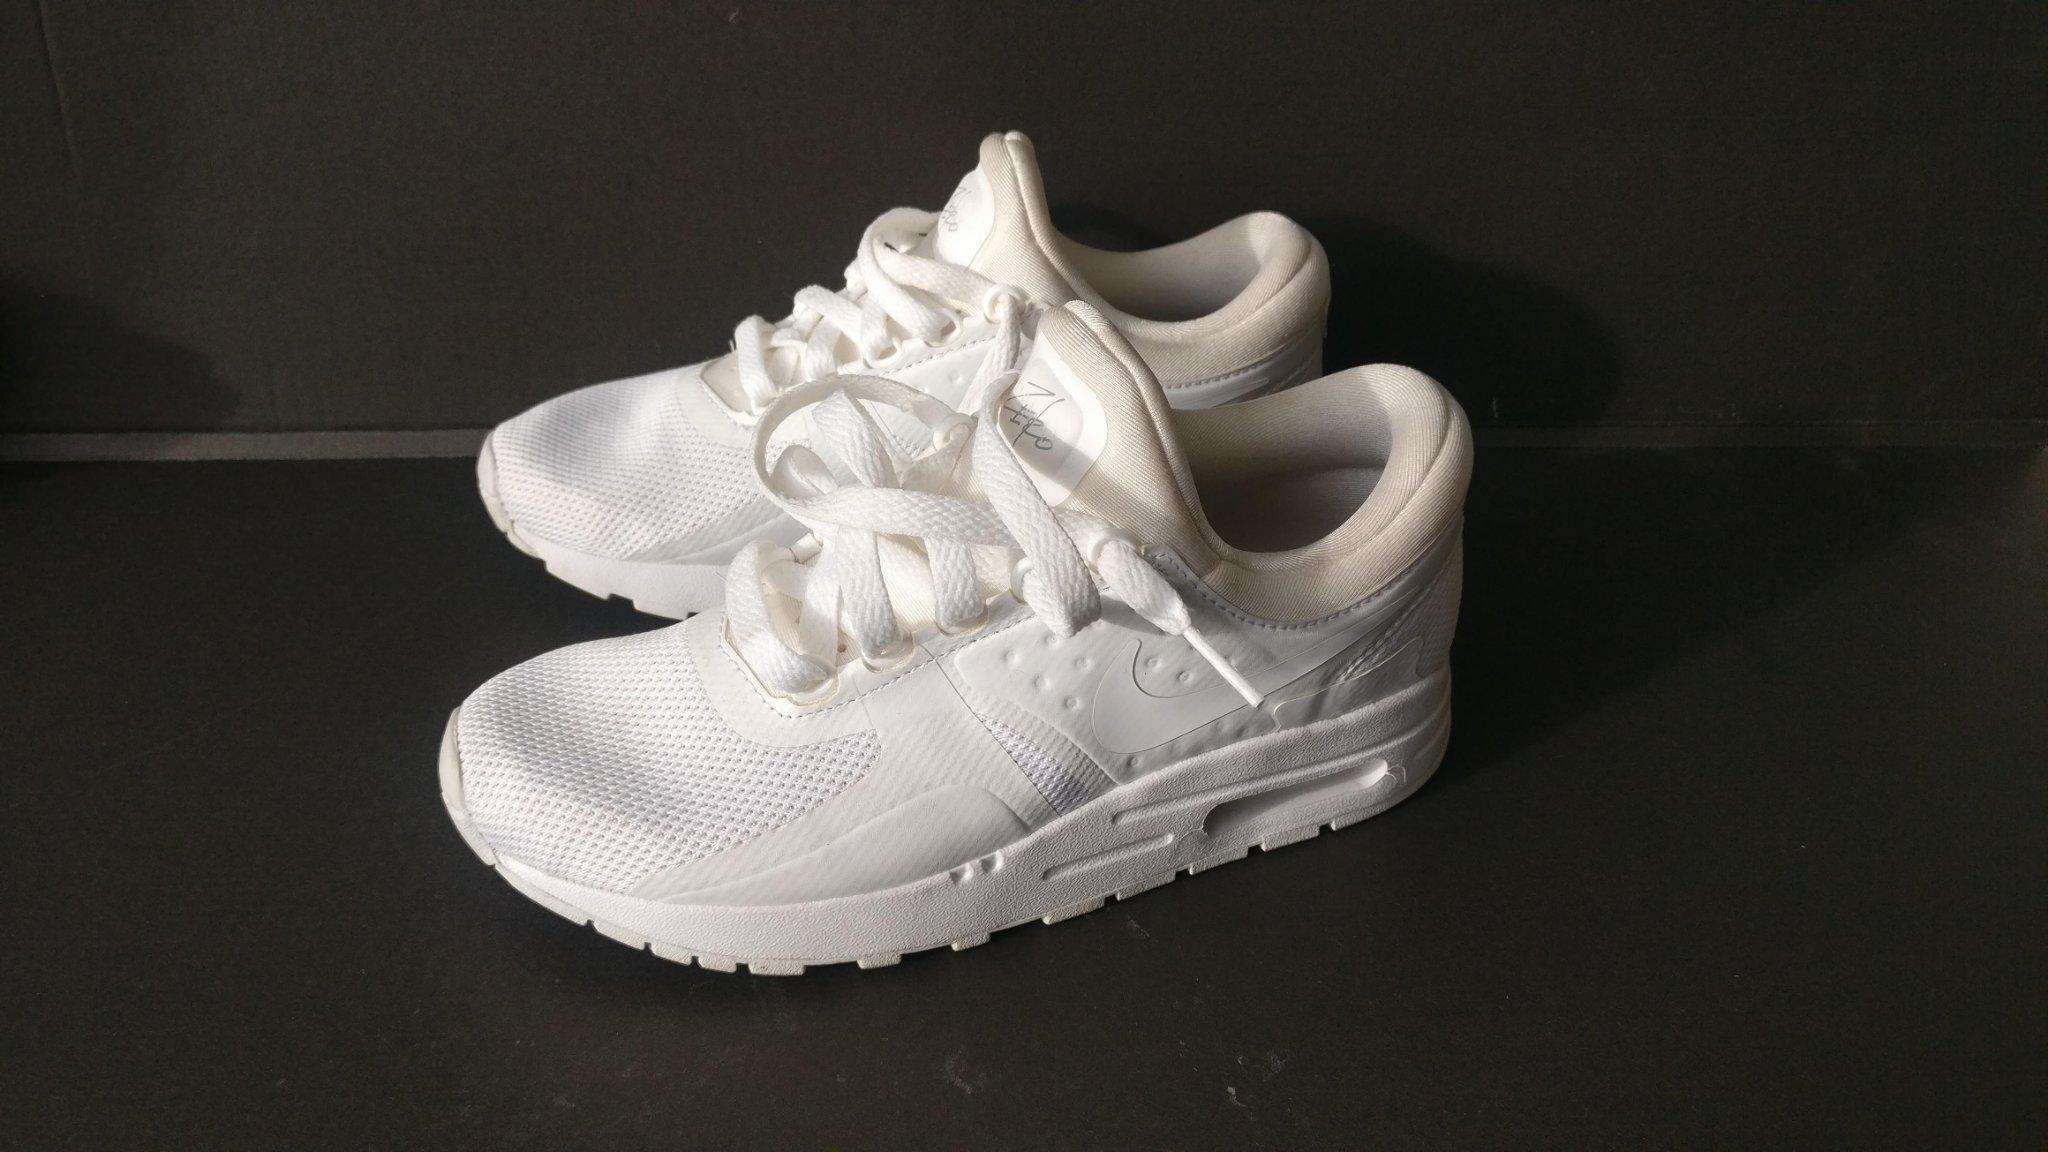 Nike Air Max Thea,ny tvättat,strl:35,5 har en håll titta bild 3